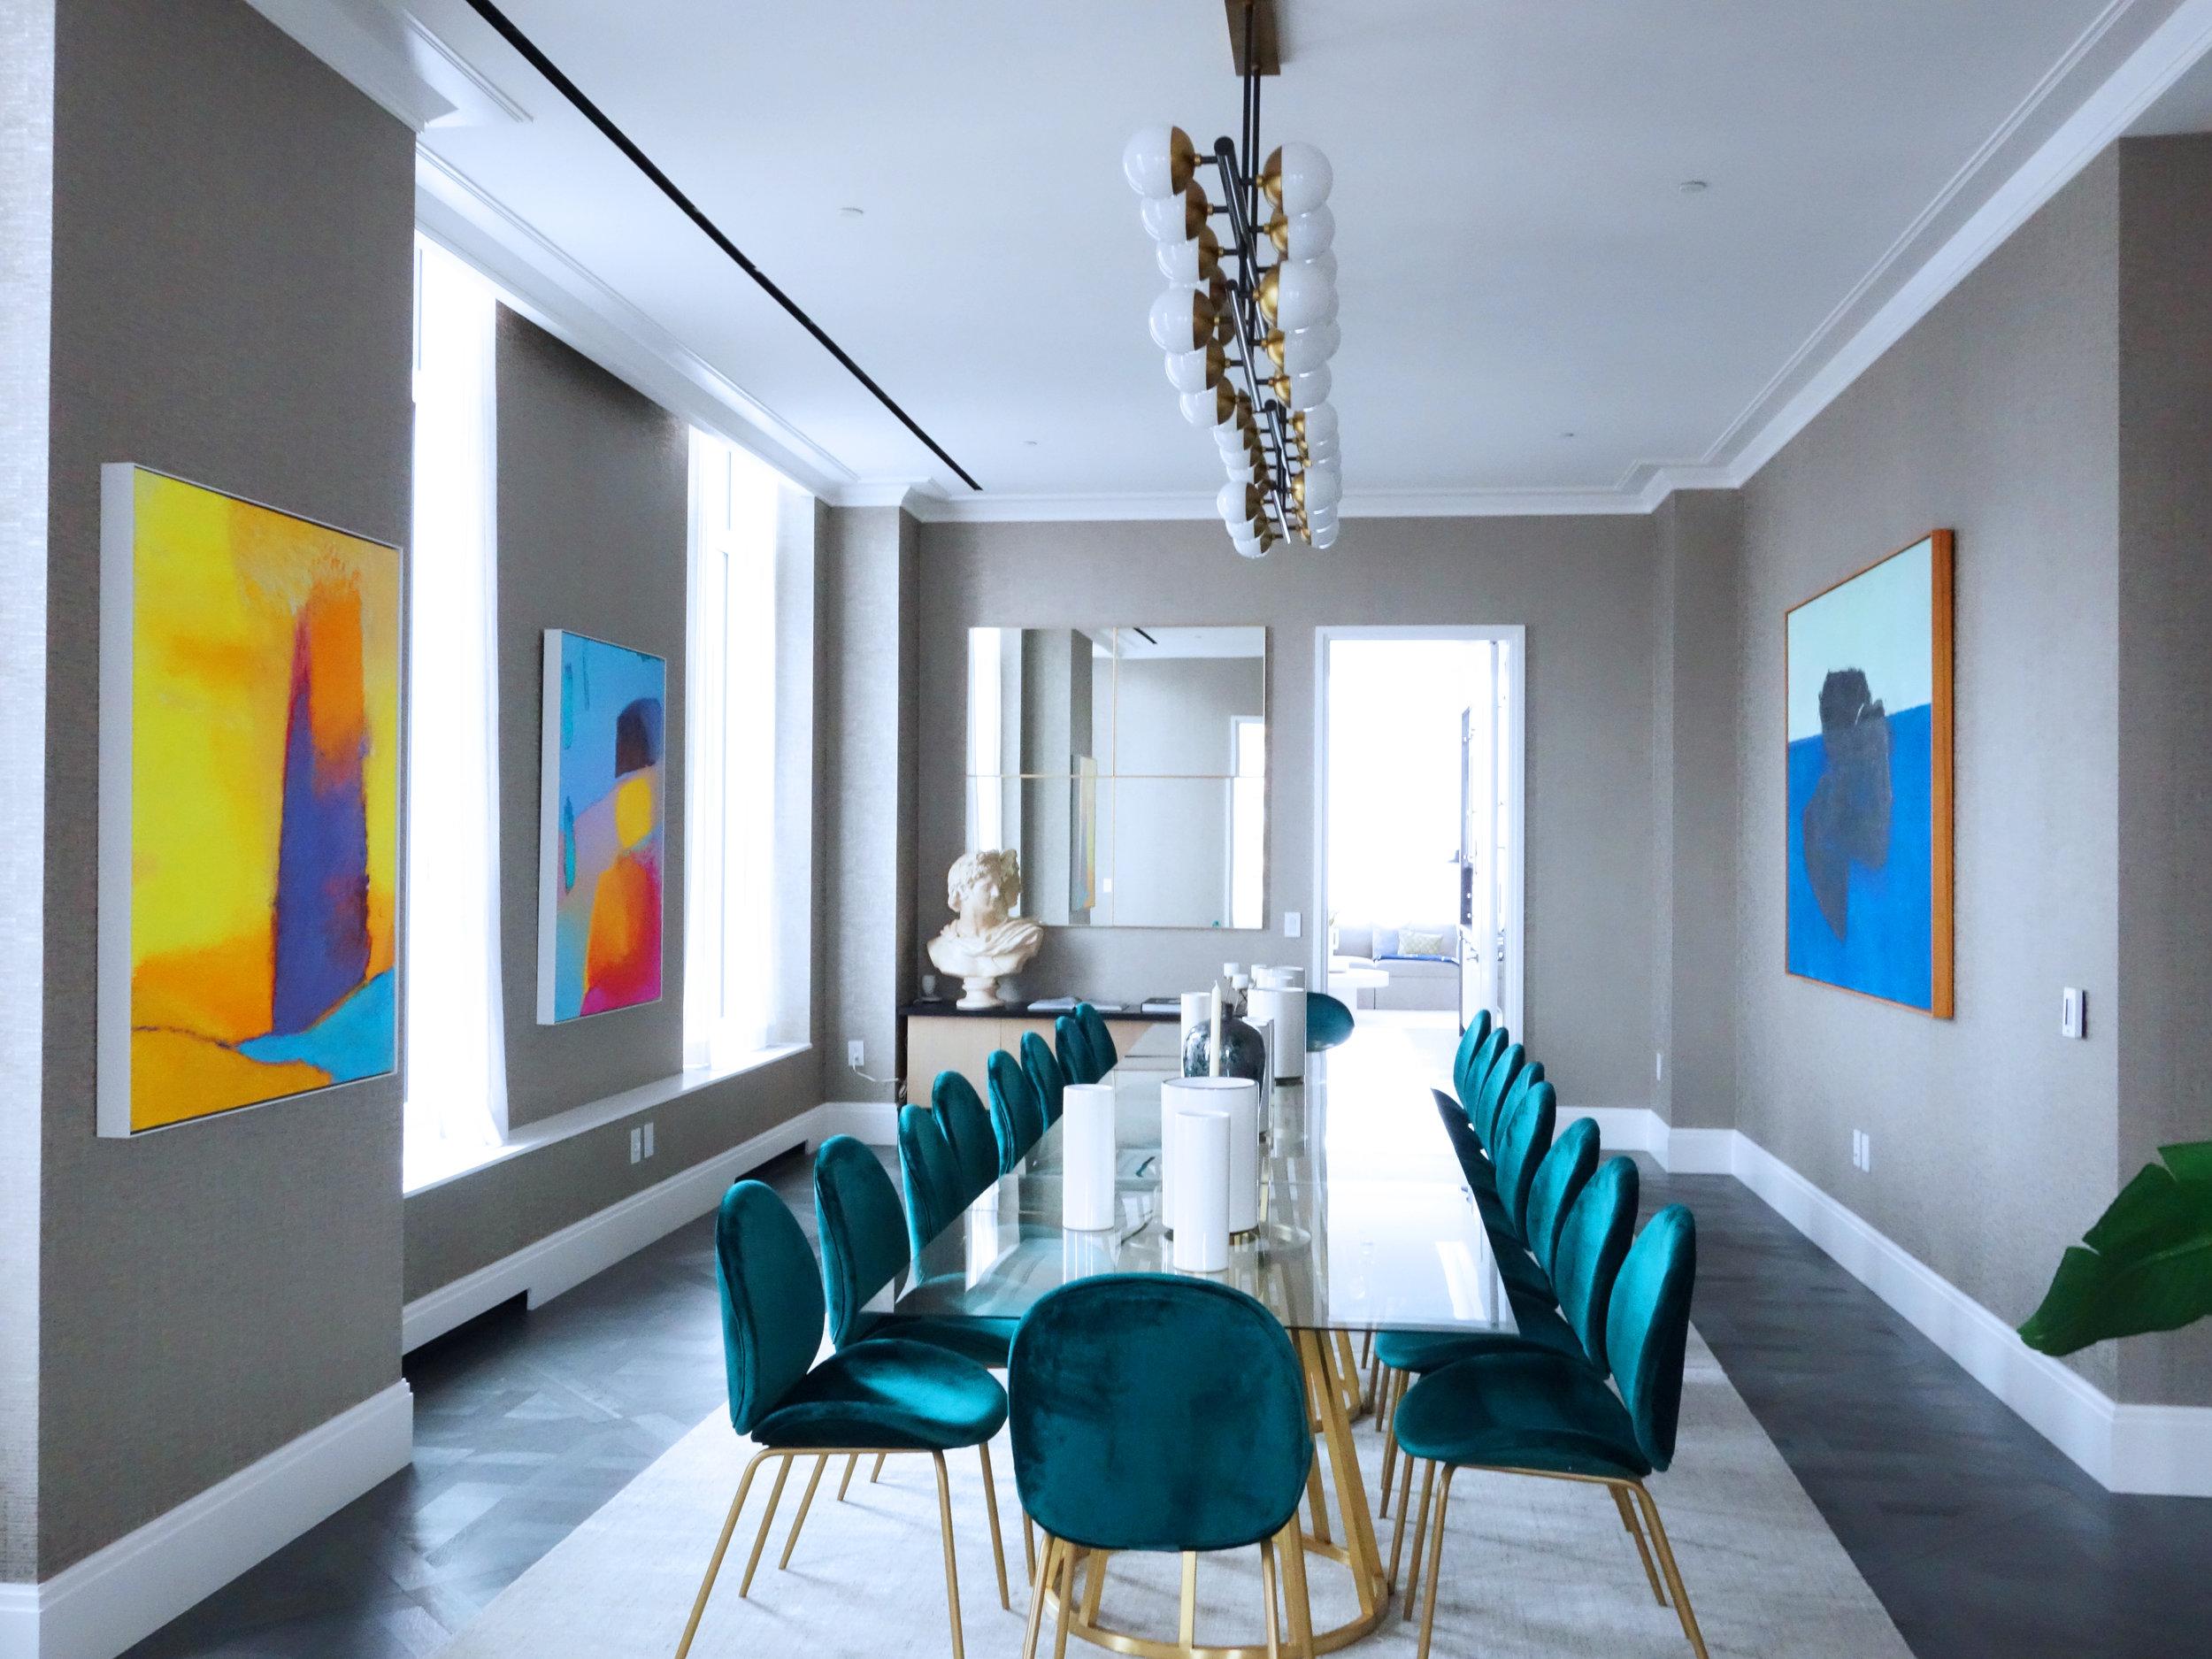 Dining room paintings.jpg